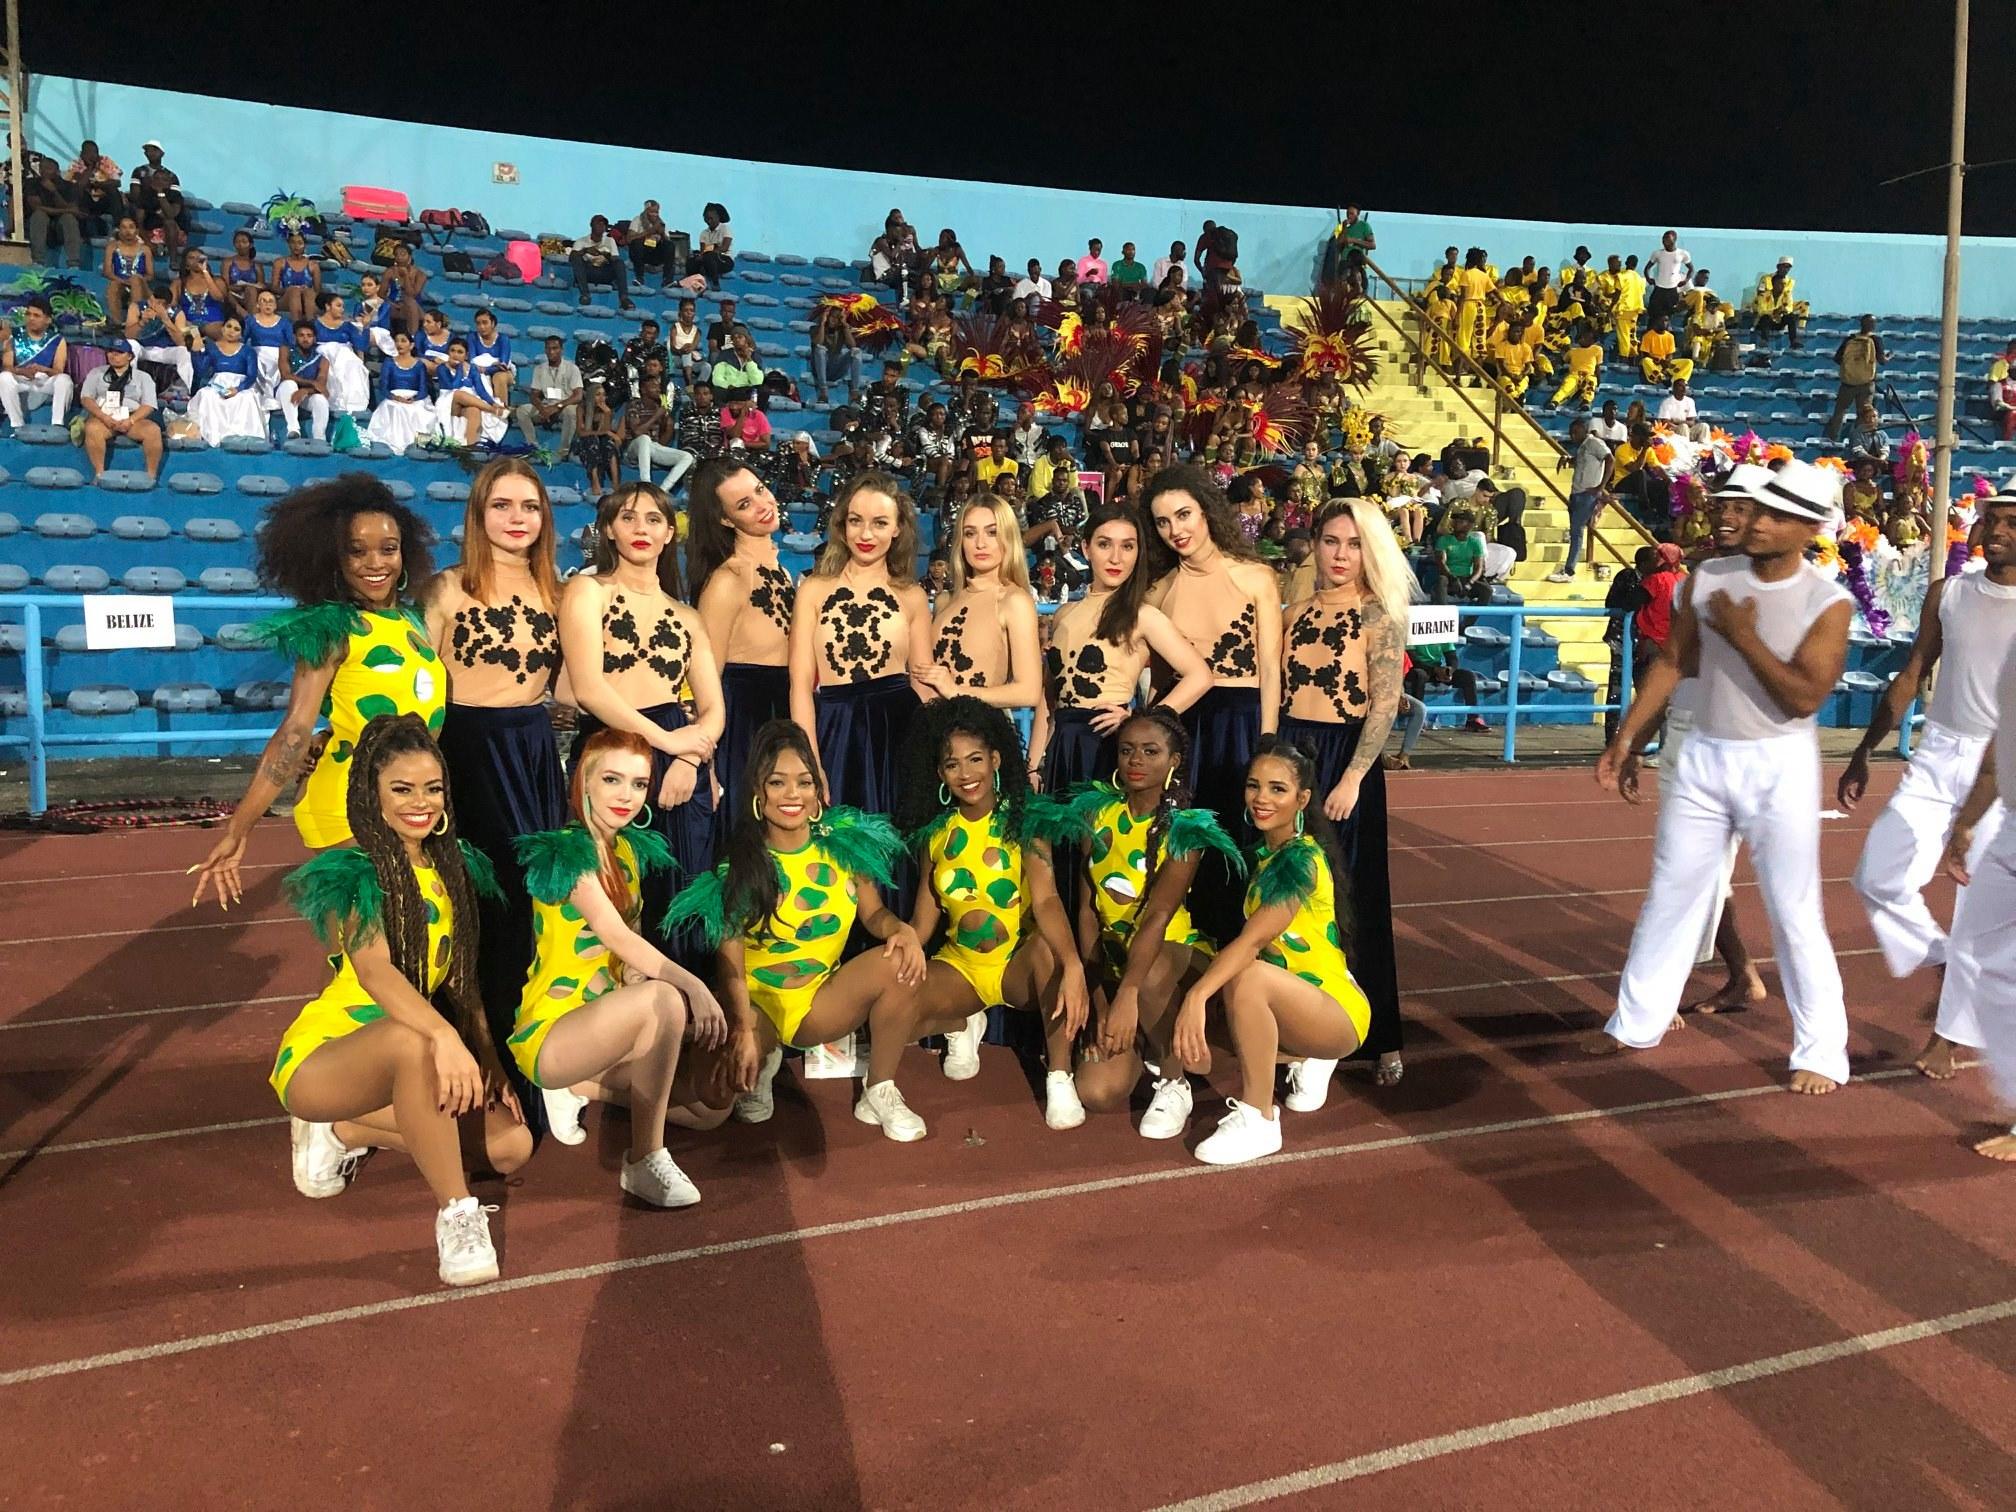 Ужгородські танцюристи виступали на карнавалі в Нігерії. ФОТО